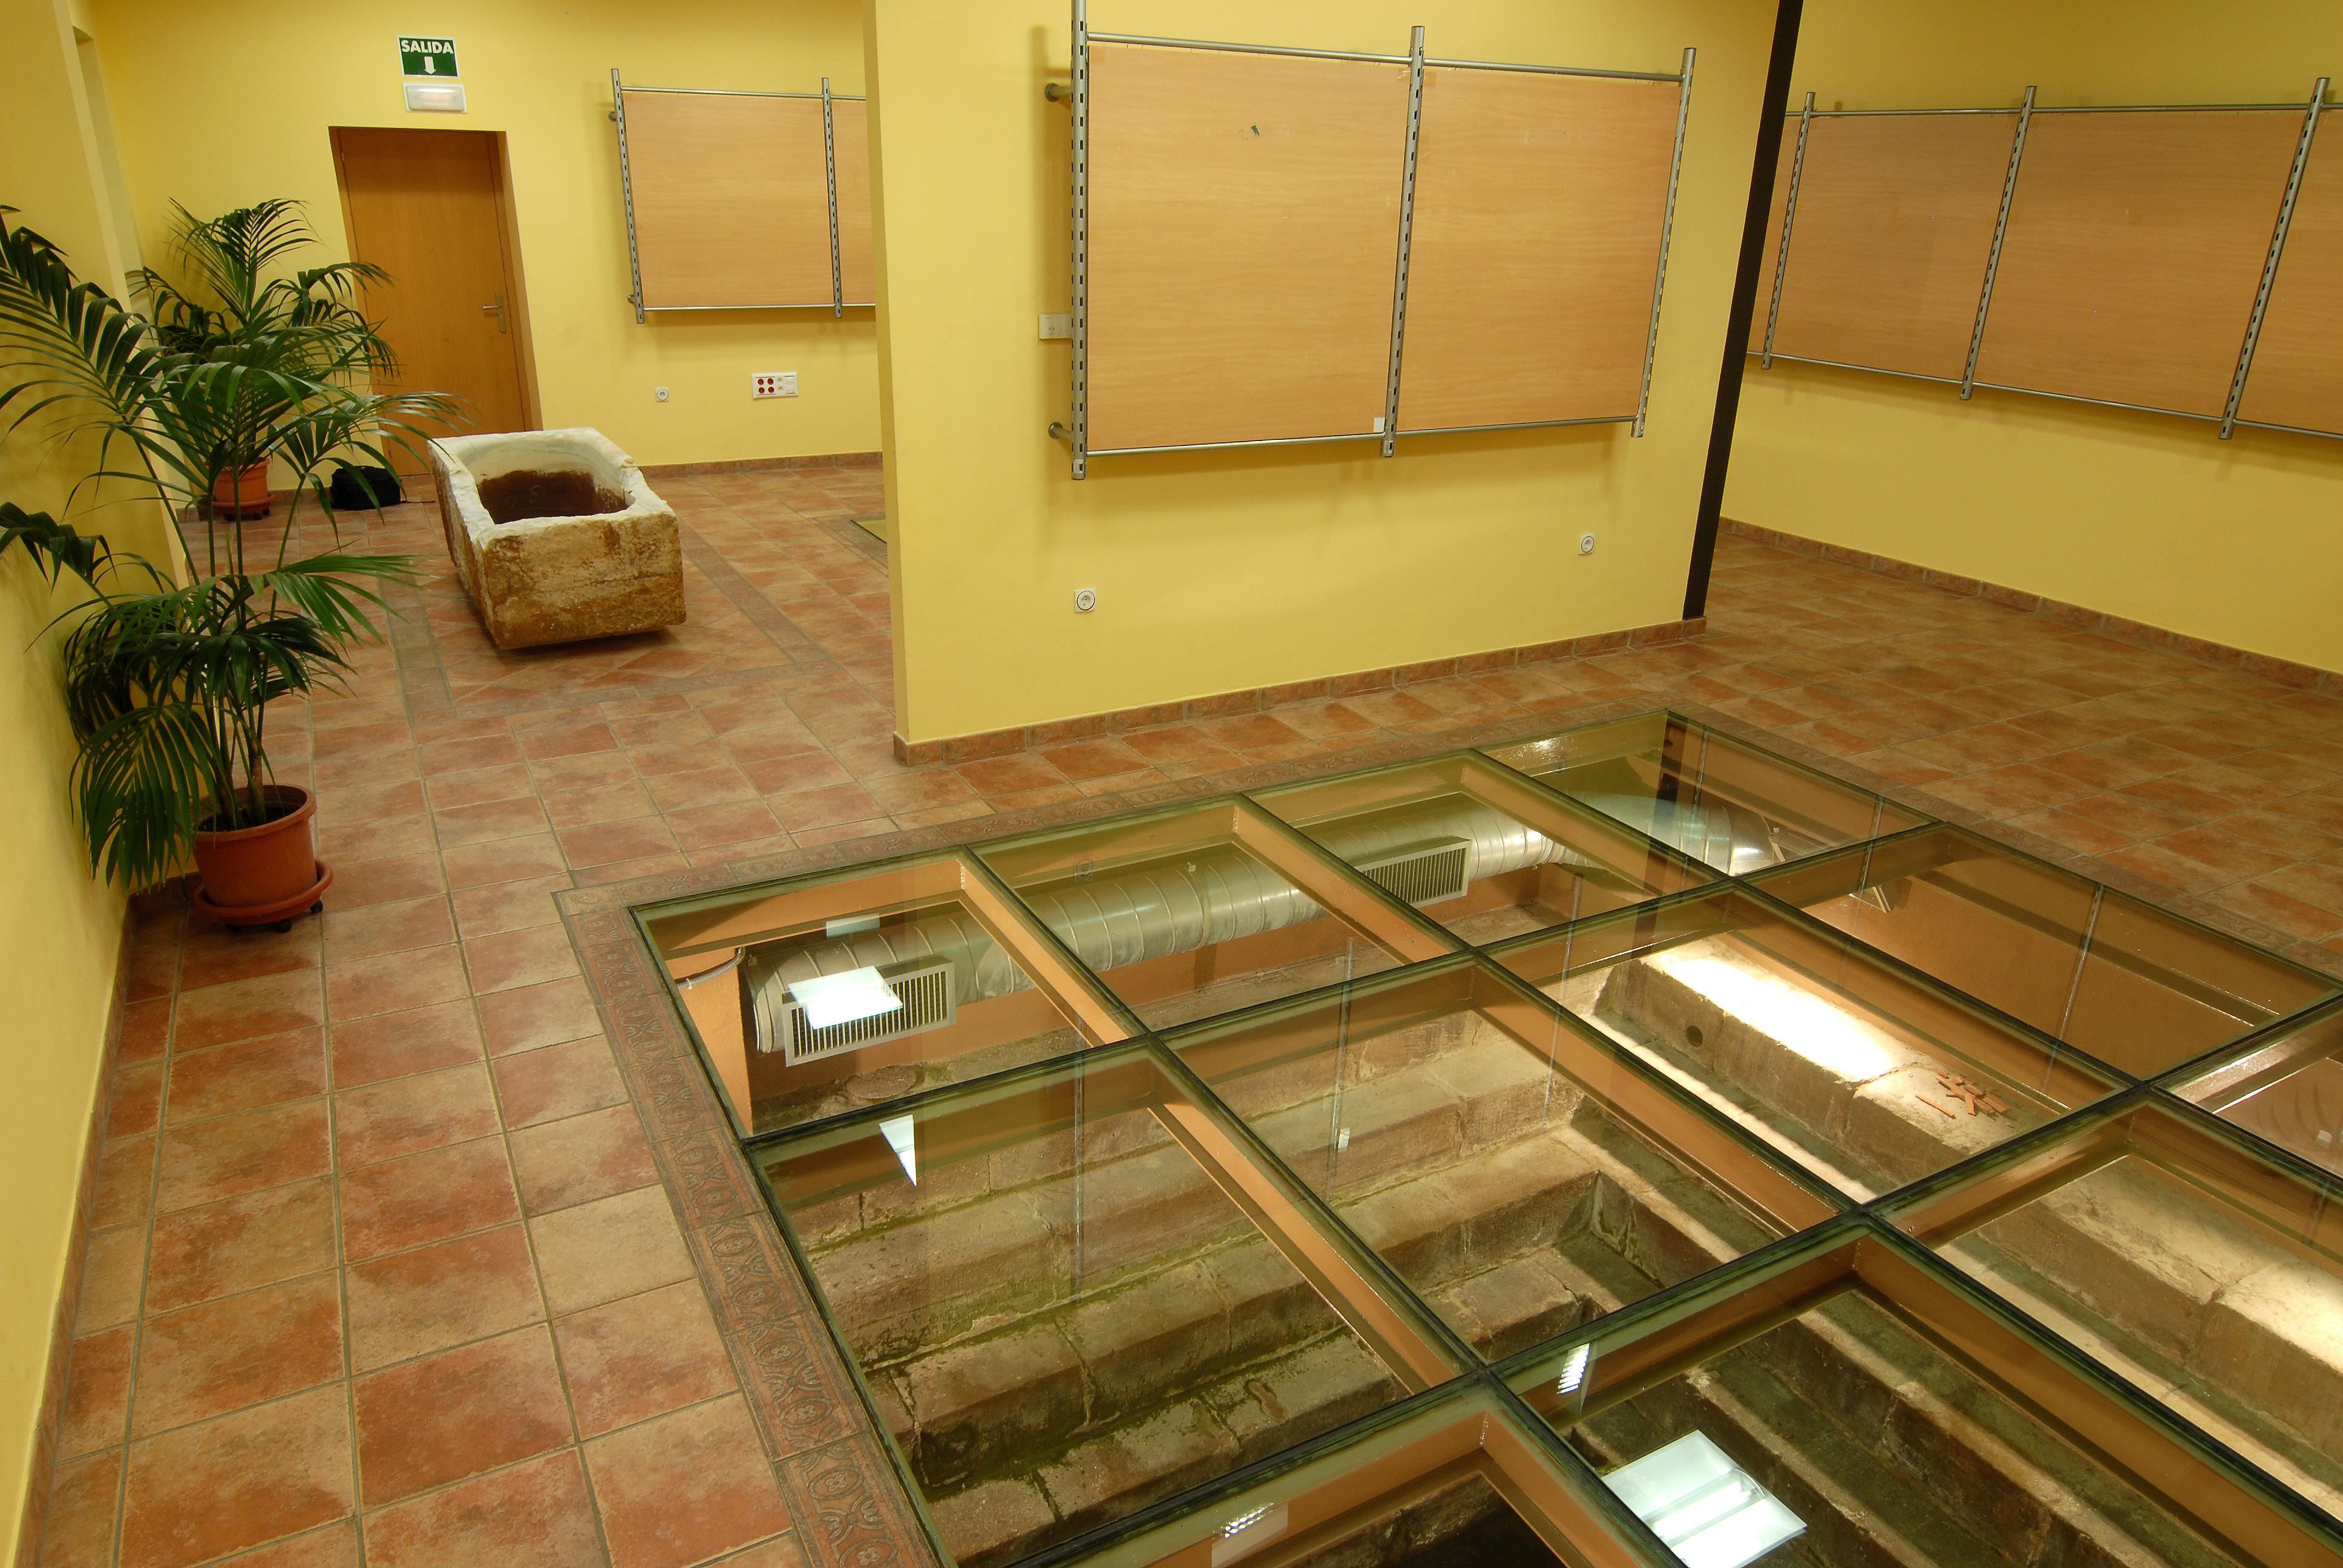 File casa de ba os wikimedia commons - Casas de banos ...